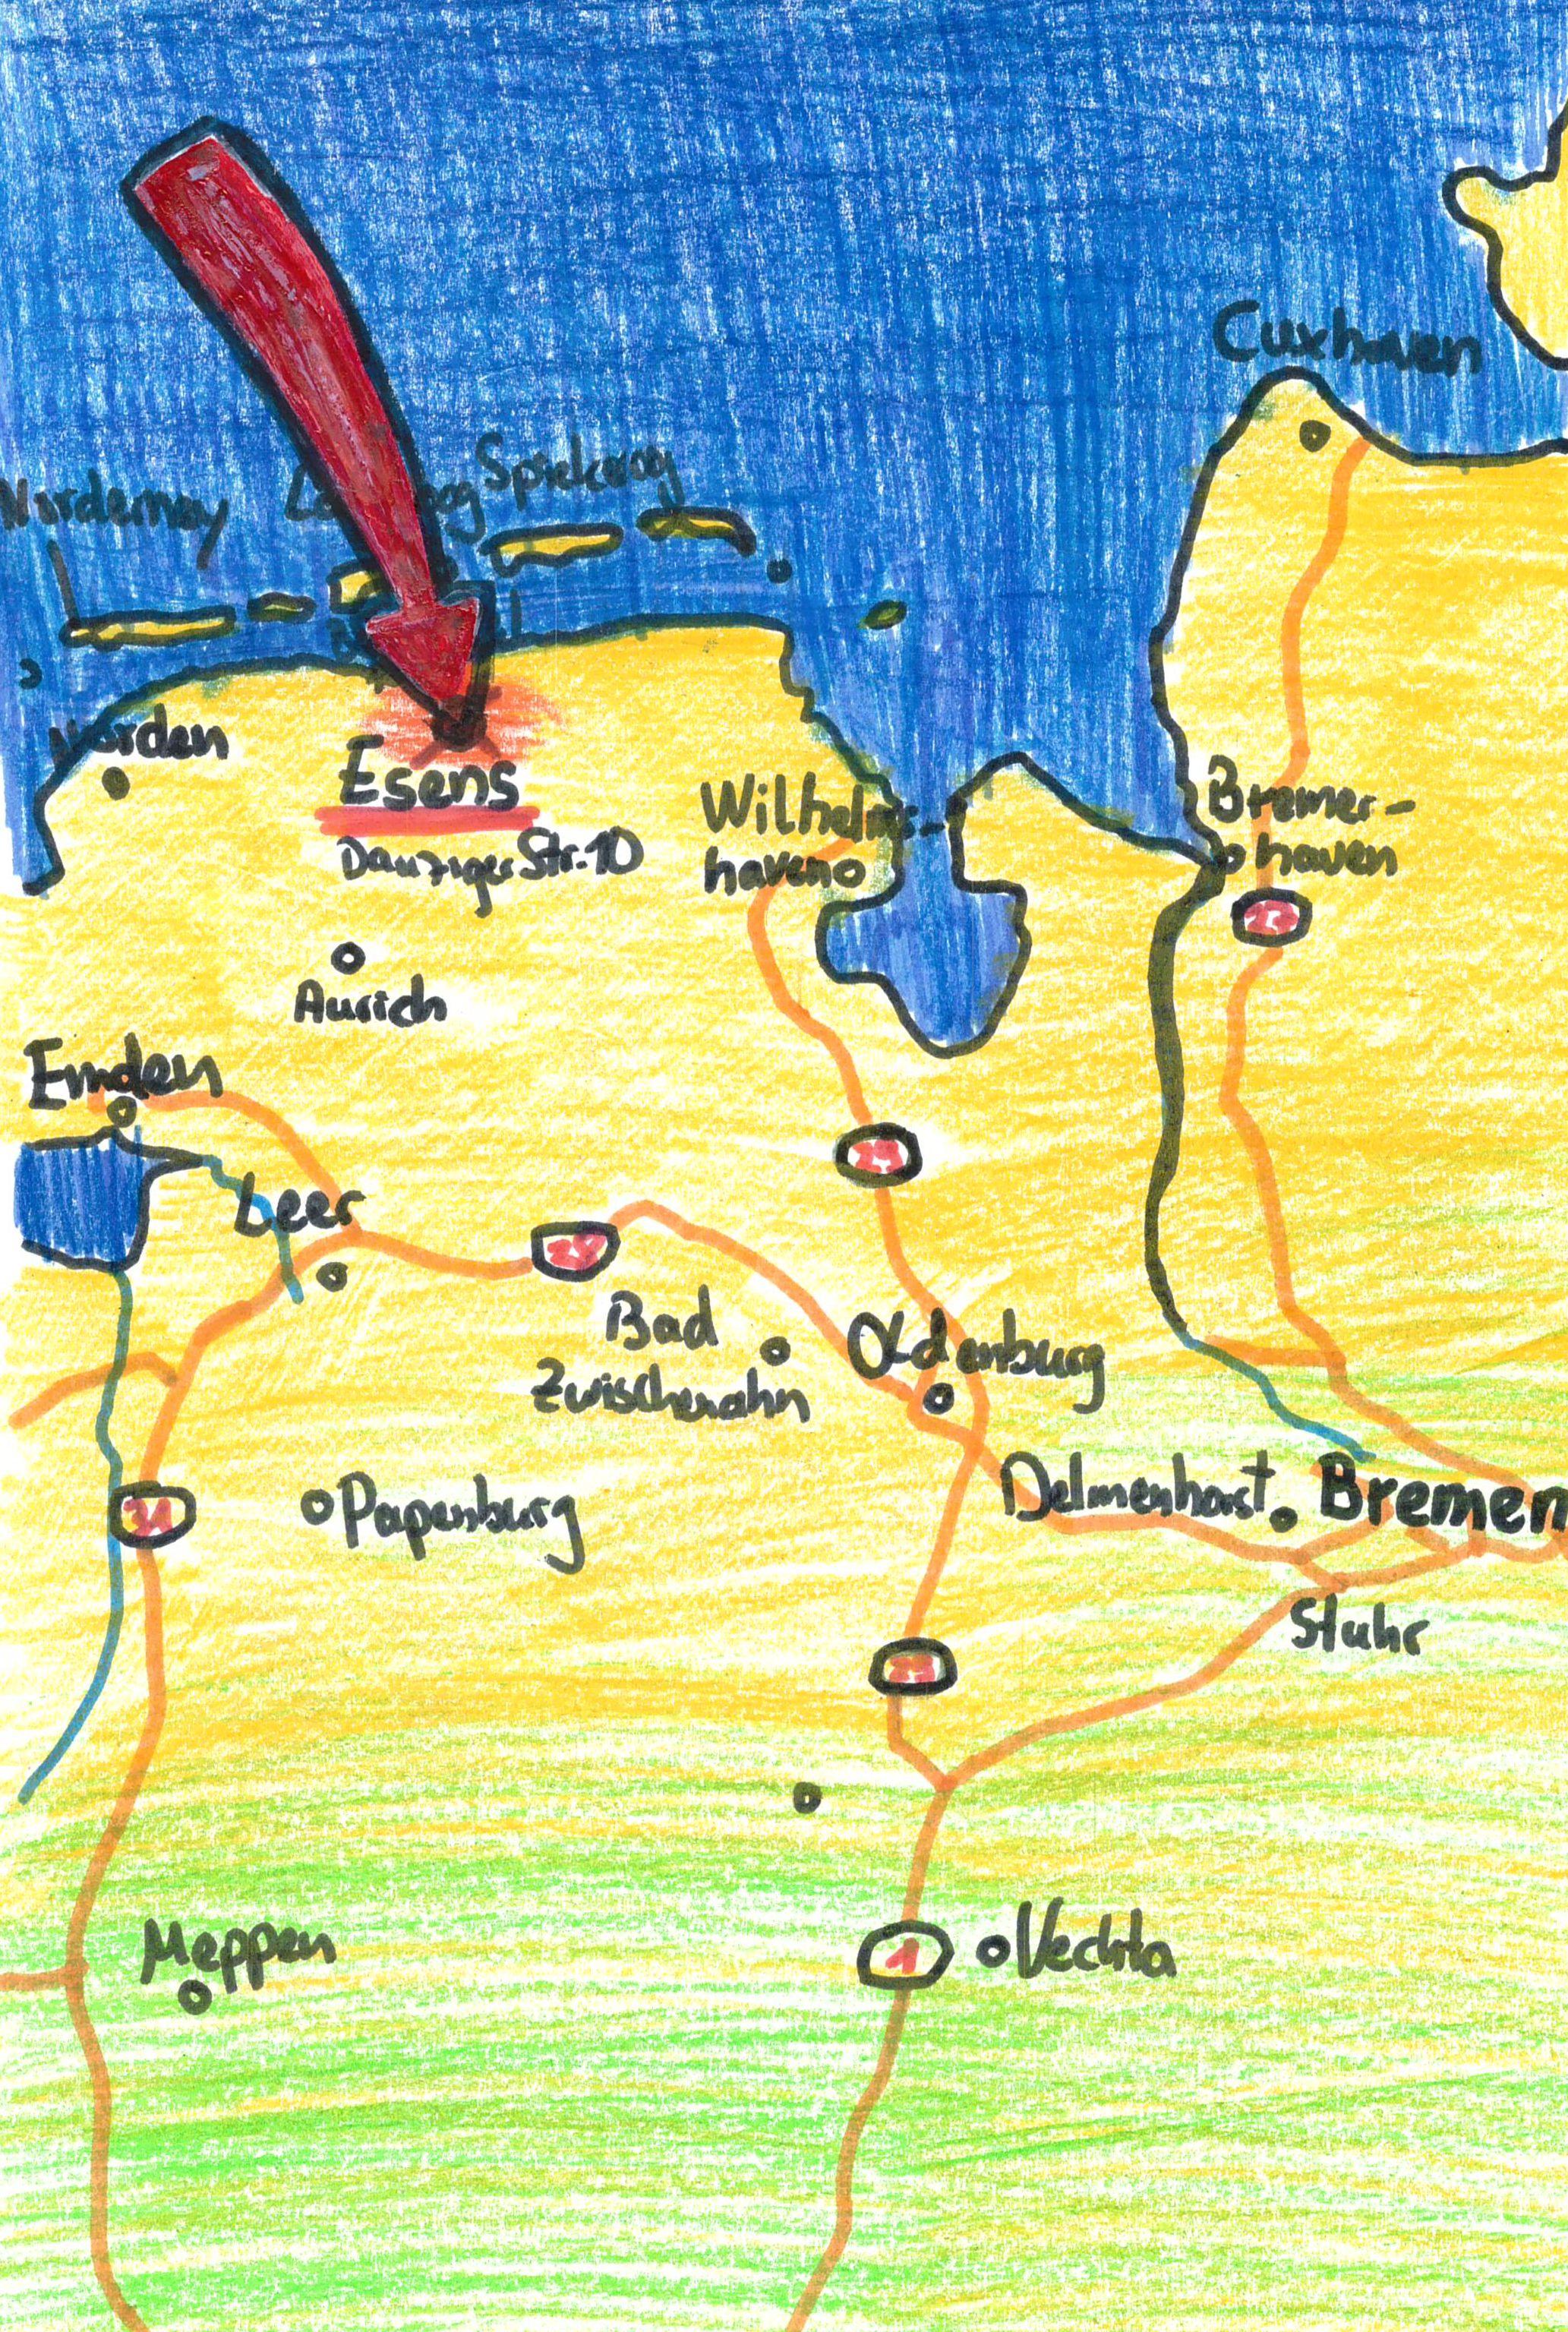 Skizze von der Lage der Ferienwohnung an der Nordsee